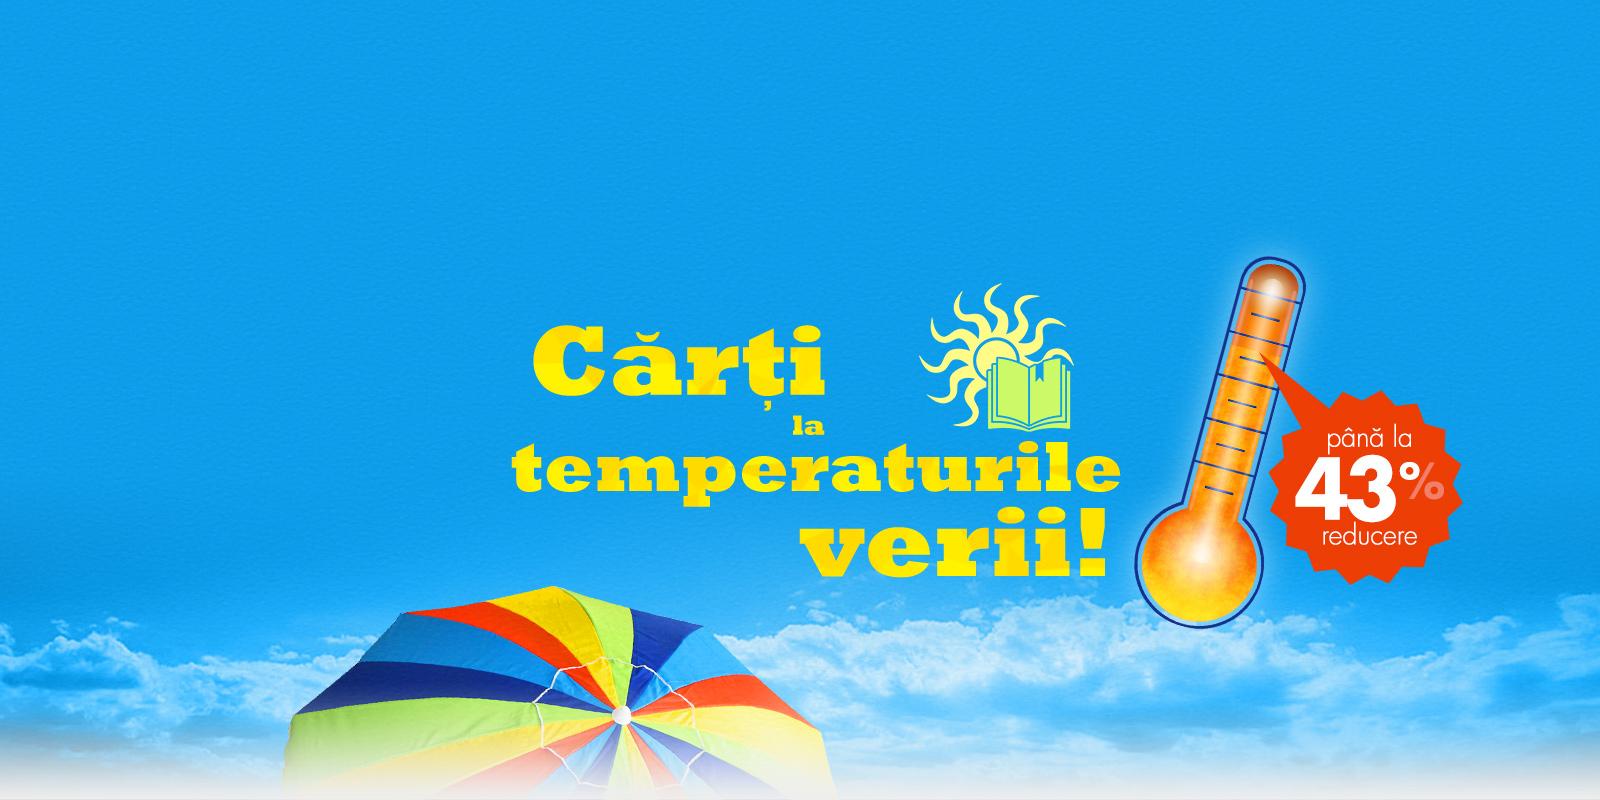 Carti la temperaturile verii